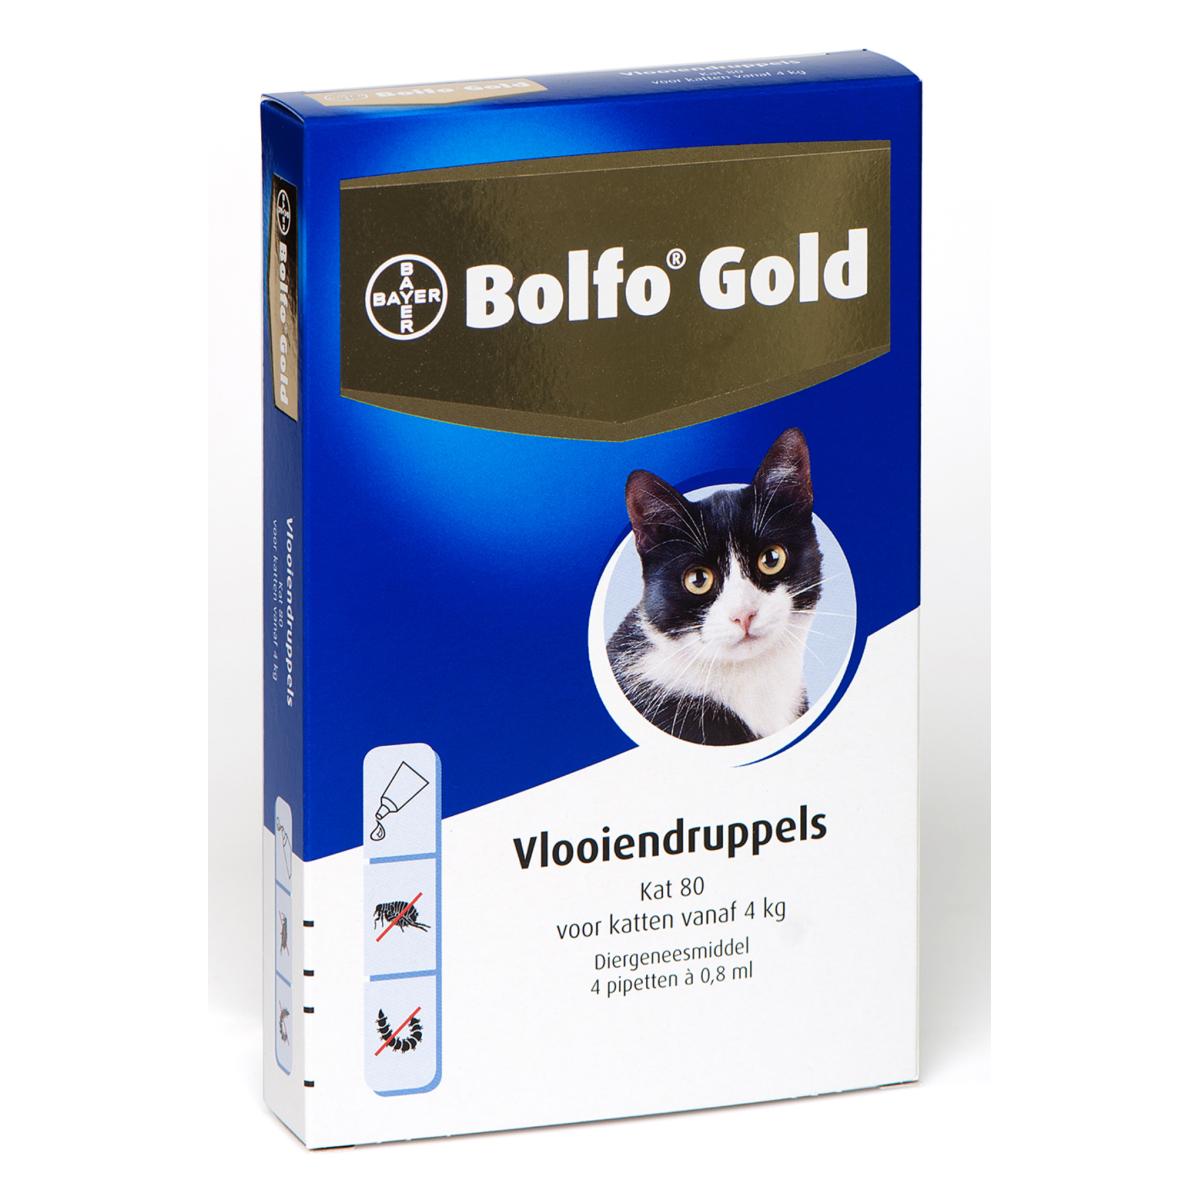 Bolfo - gold 80 meerkleurig 4 pipetten